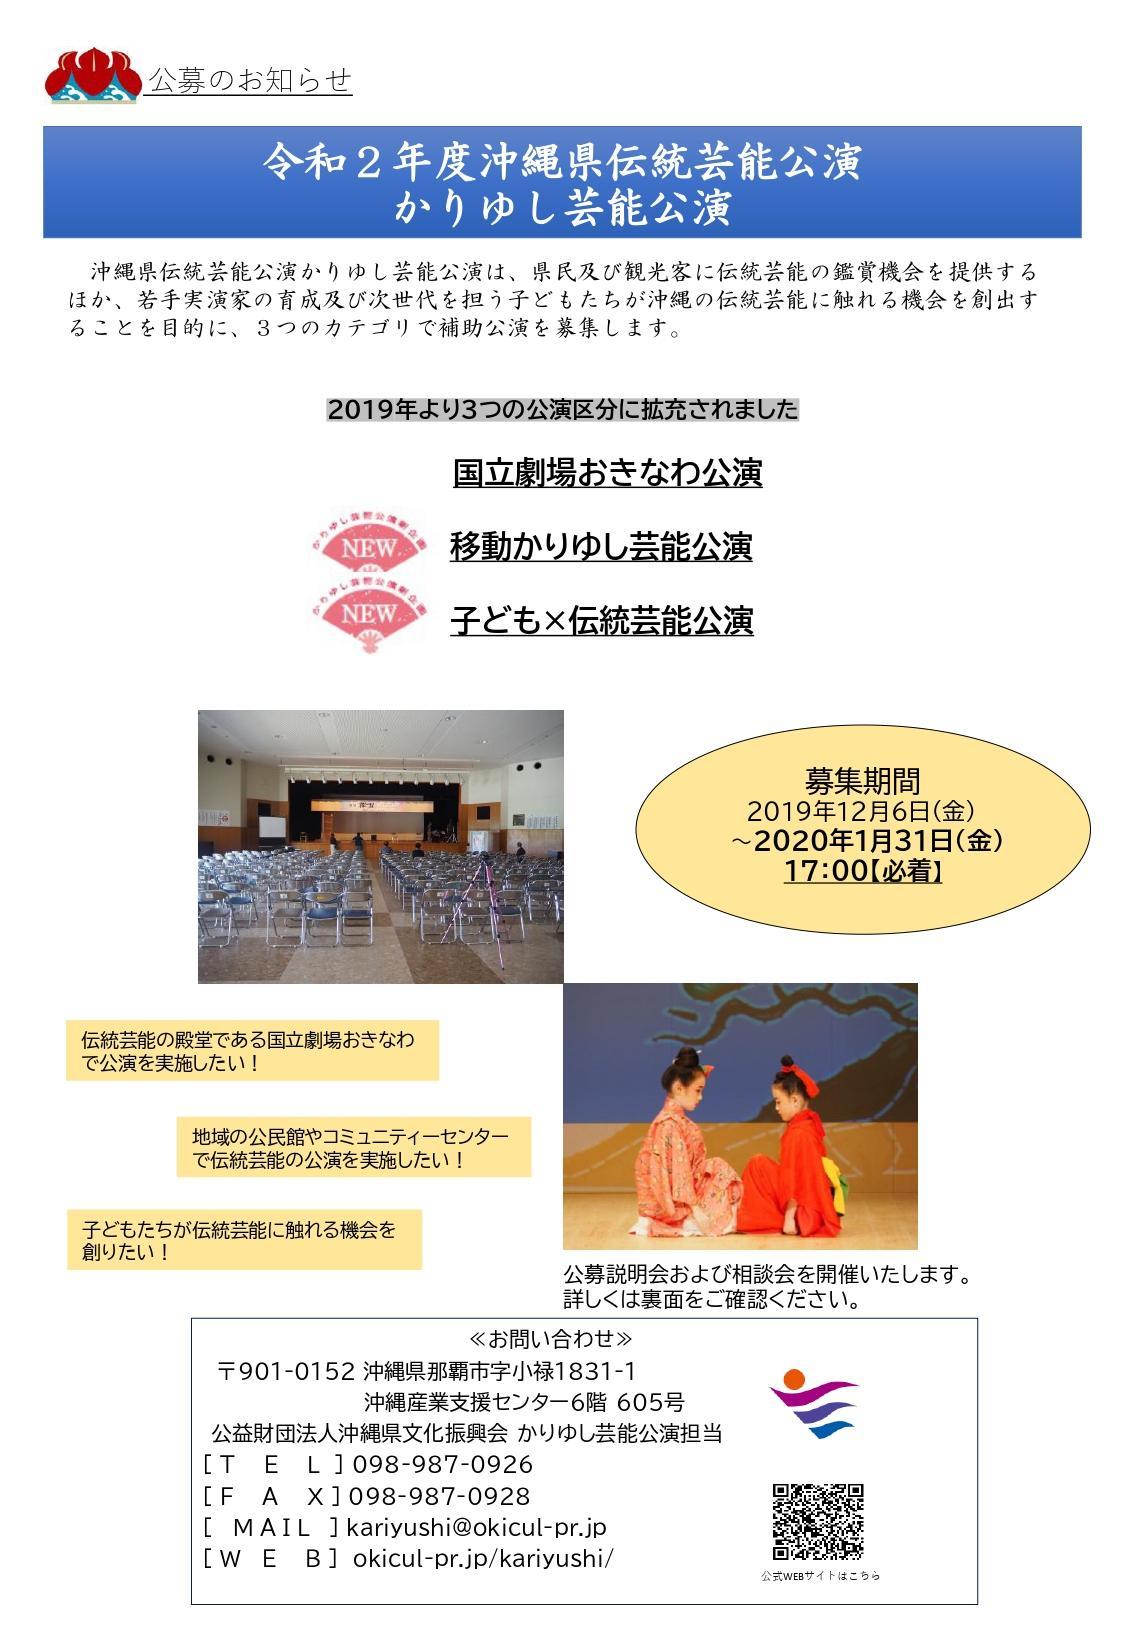 令和2年度沖縄県伝統芸能公演(かりゆし芸能公演)公募情報を更新しました!